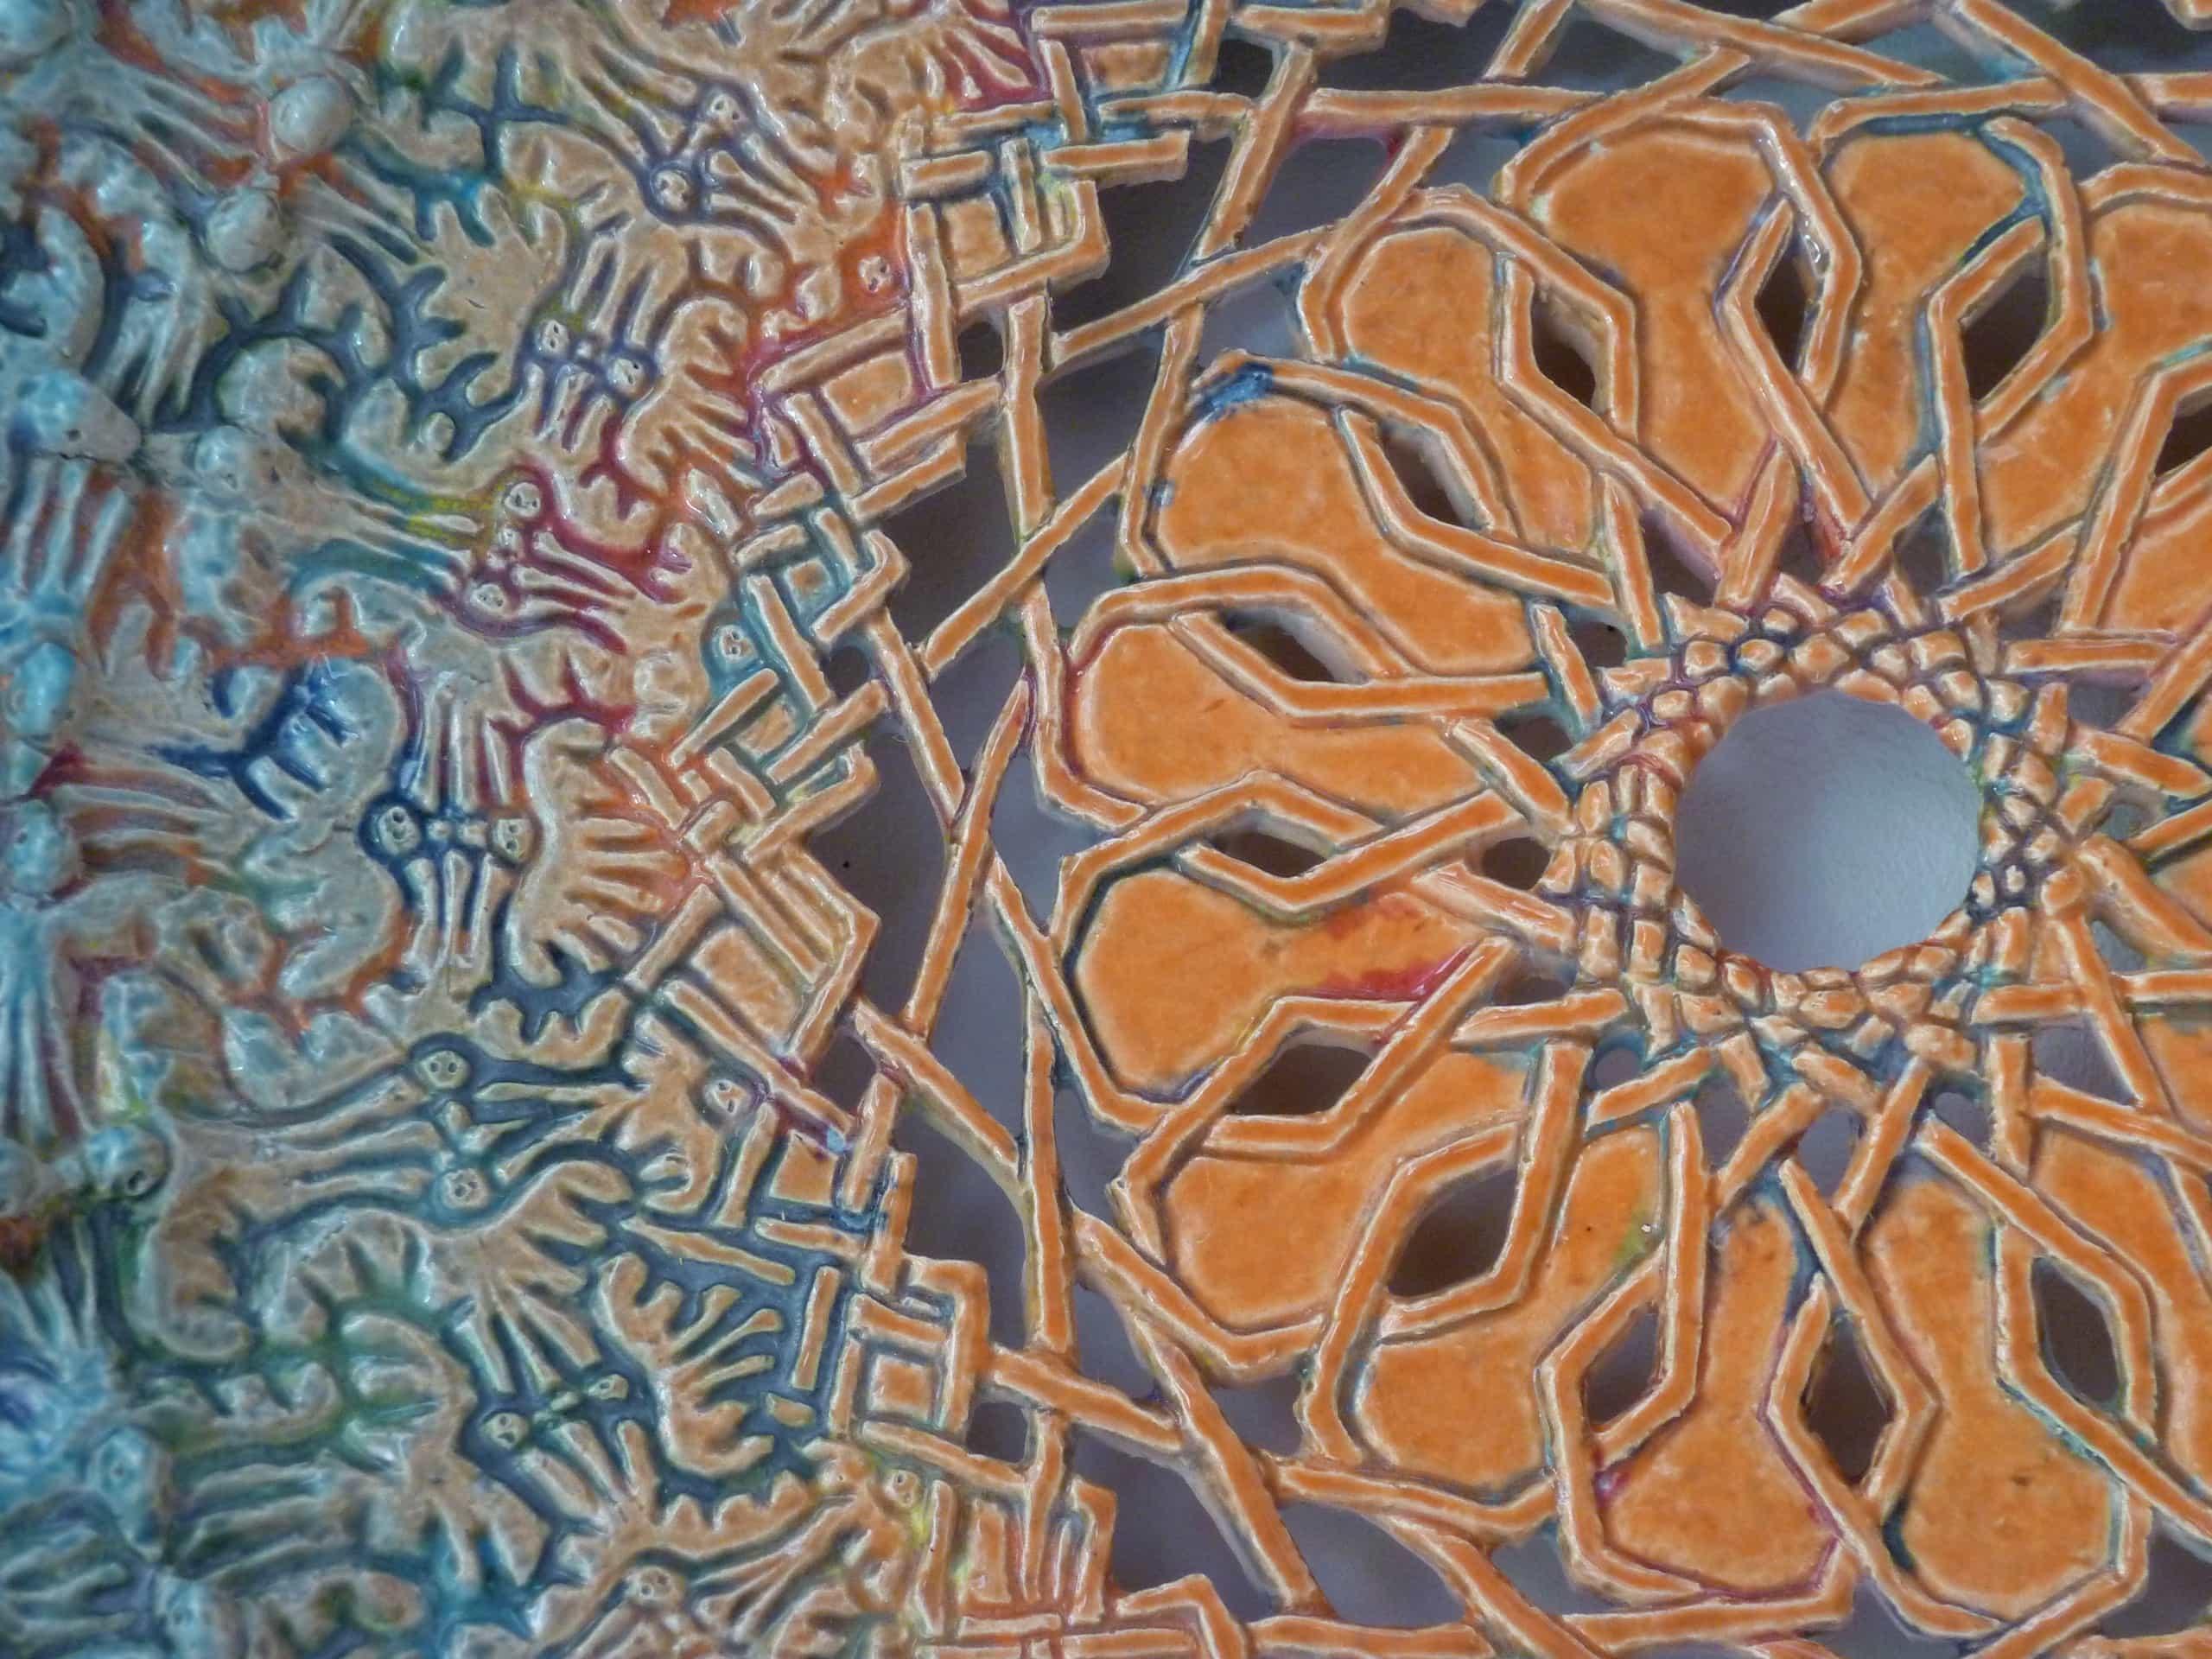 Tjilp-tjilp-maroc, detail